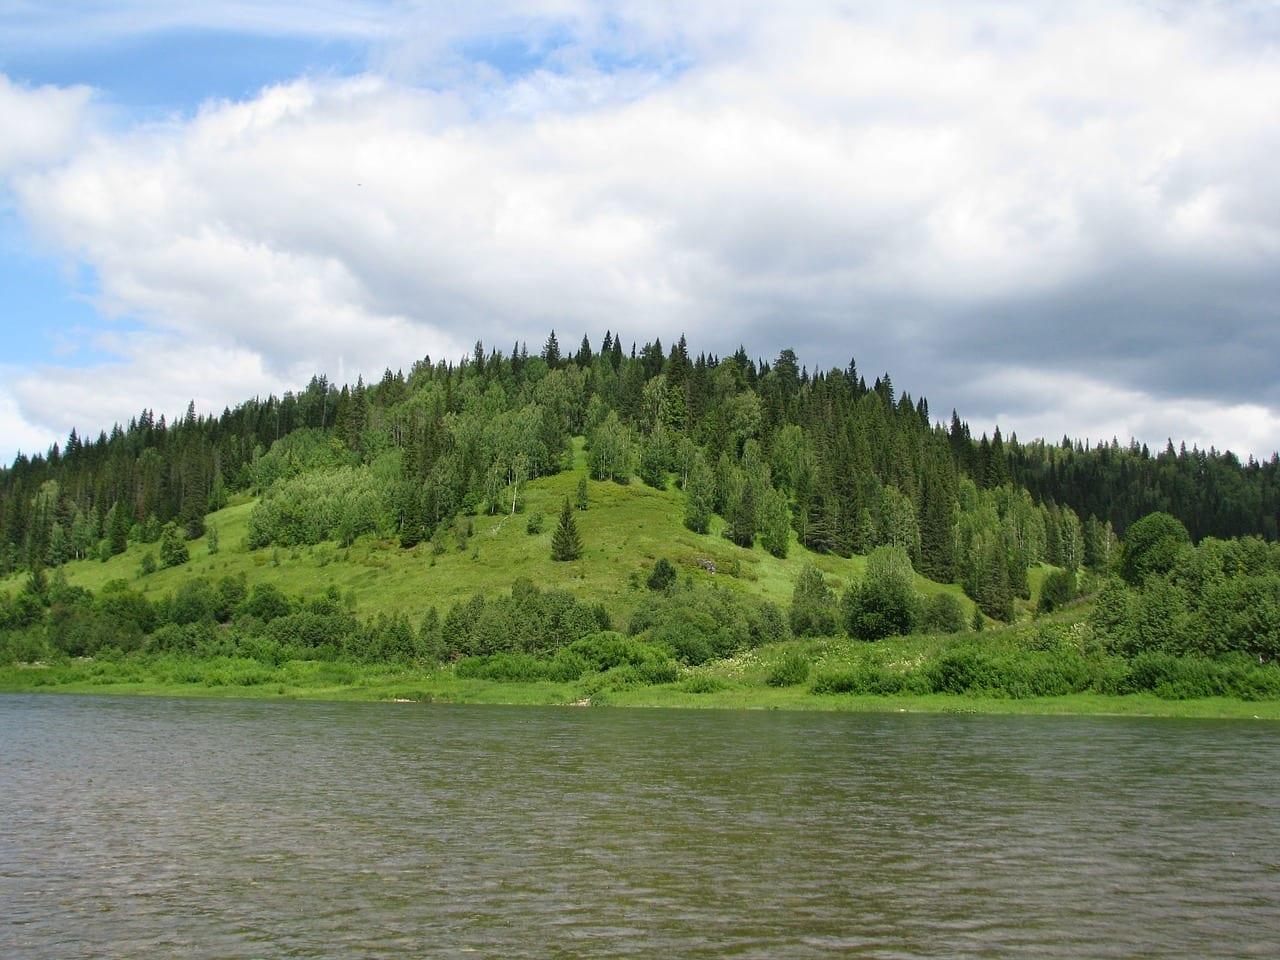 El Río чусовая Krai De Perm Cielo Rusia